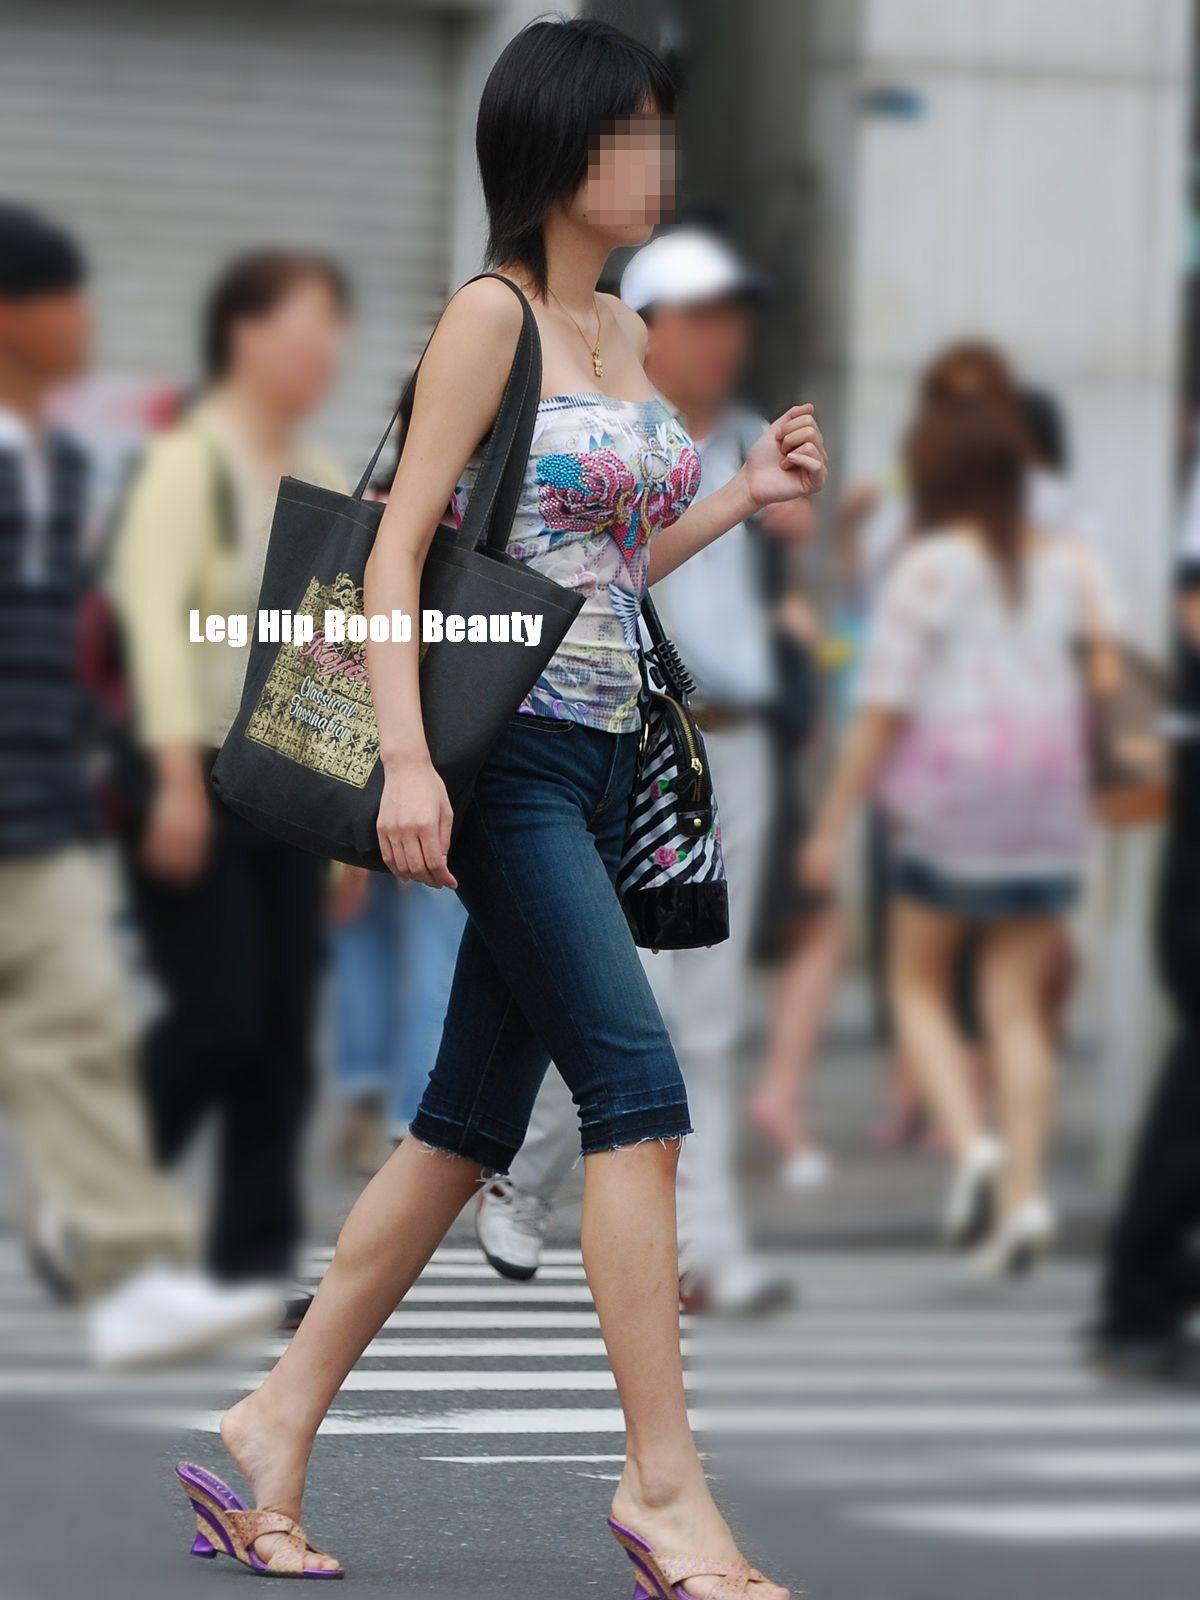 【巨乳エロ画像】本当のサイズは考えてる以上w去るまで見続けたい着衣巨乳www 14